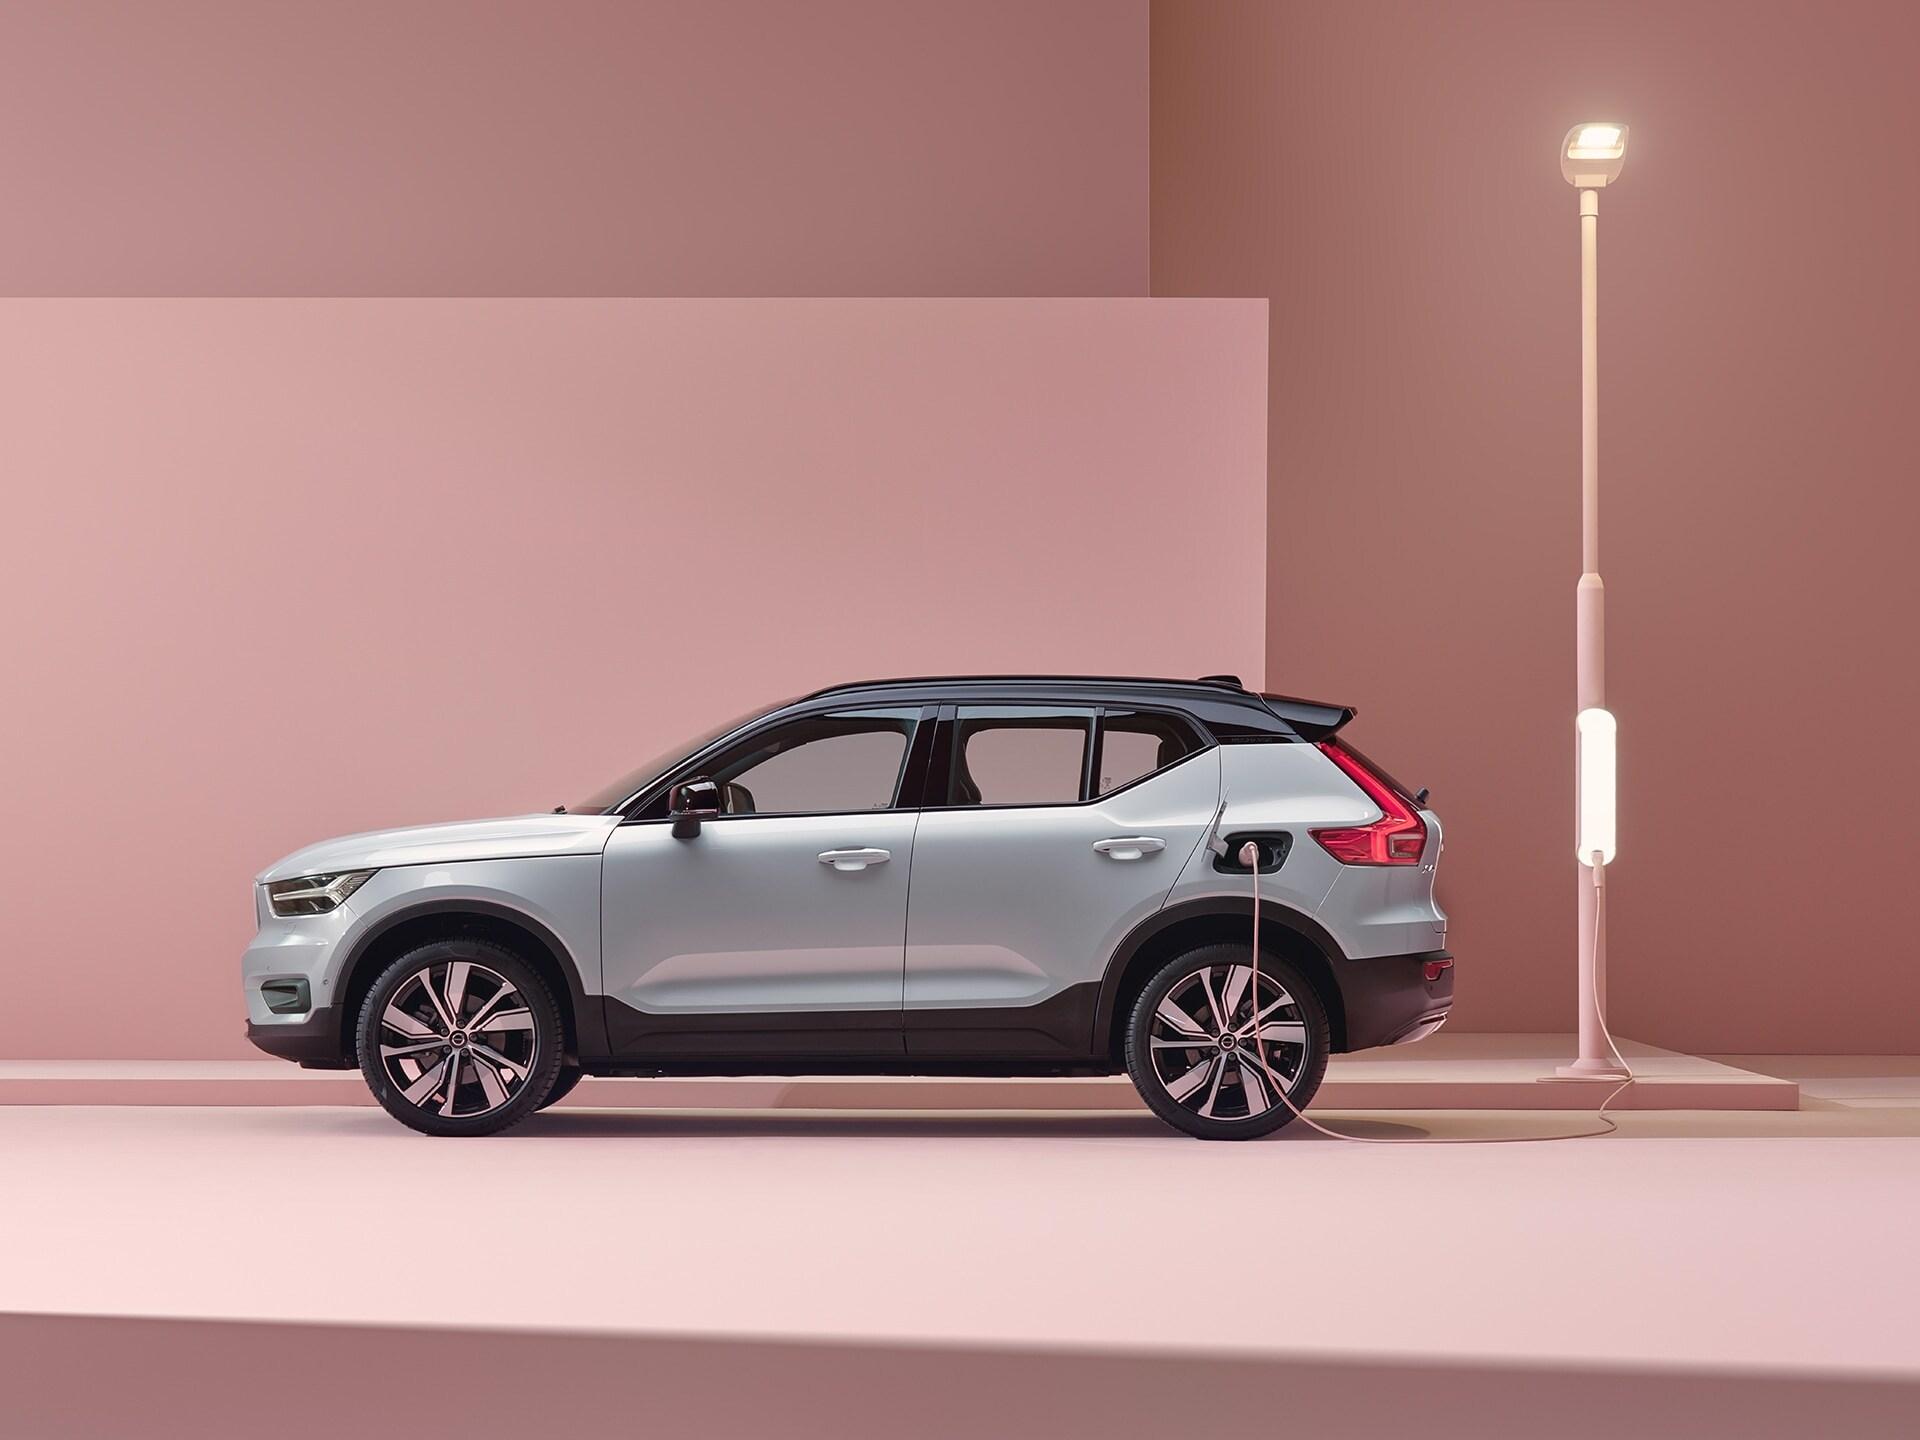 Bel električni SUV Volvo XC40 Recharge se polni v rožnatem mestu